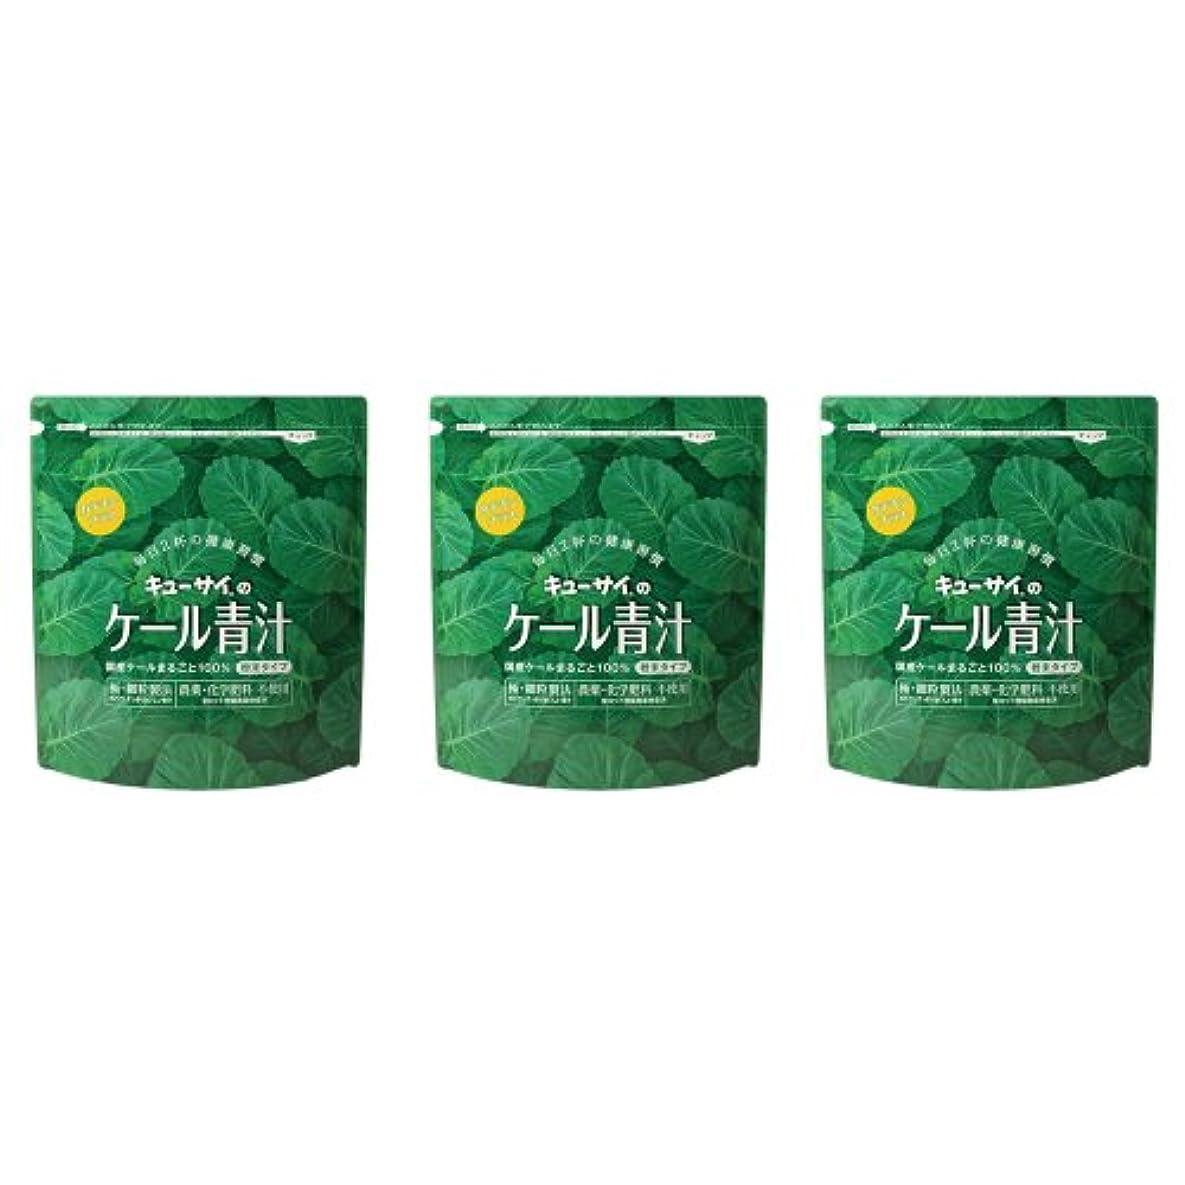 乳製品別の調子キューサイ ケール青汁(粉末タイプ)カテキンプラス 420g 3袋